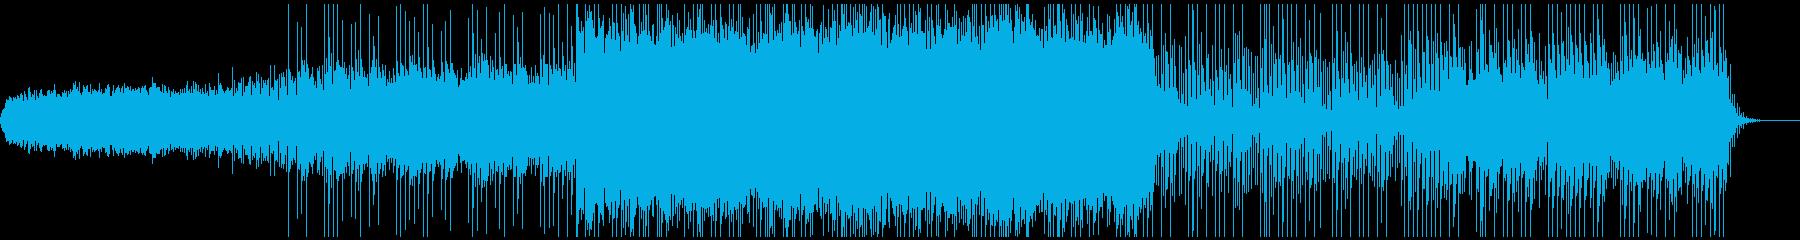 和楽器とシンセサイザーのミックスの再生済みの波形